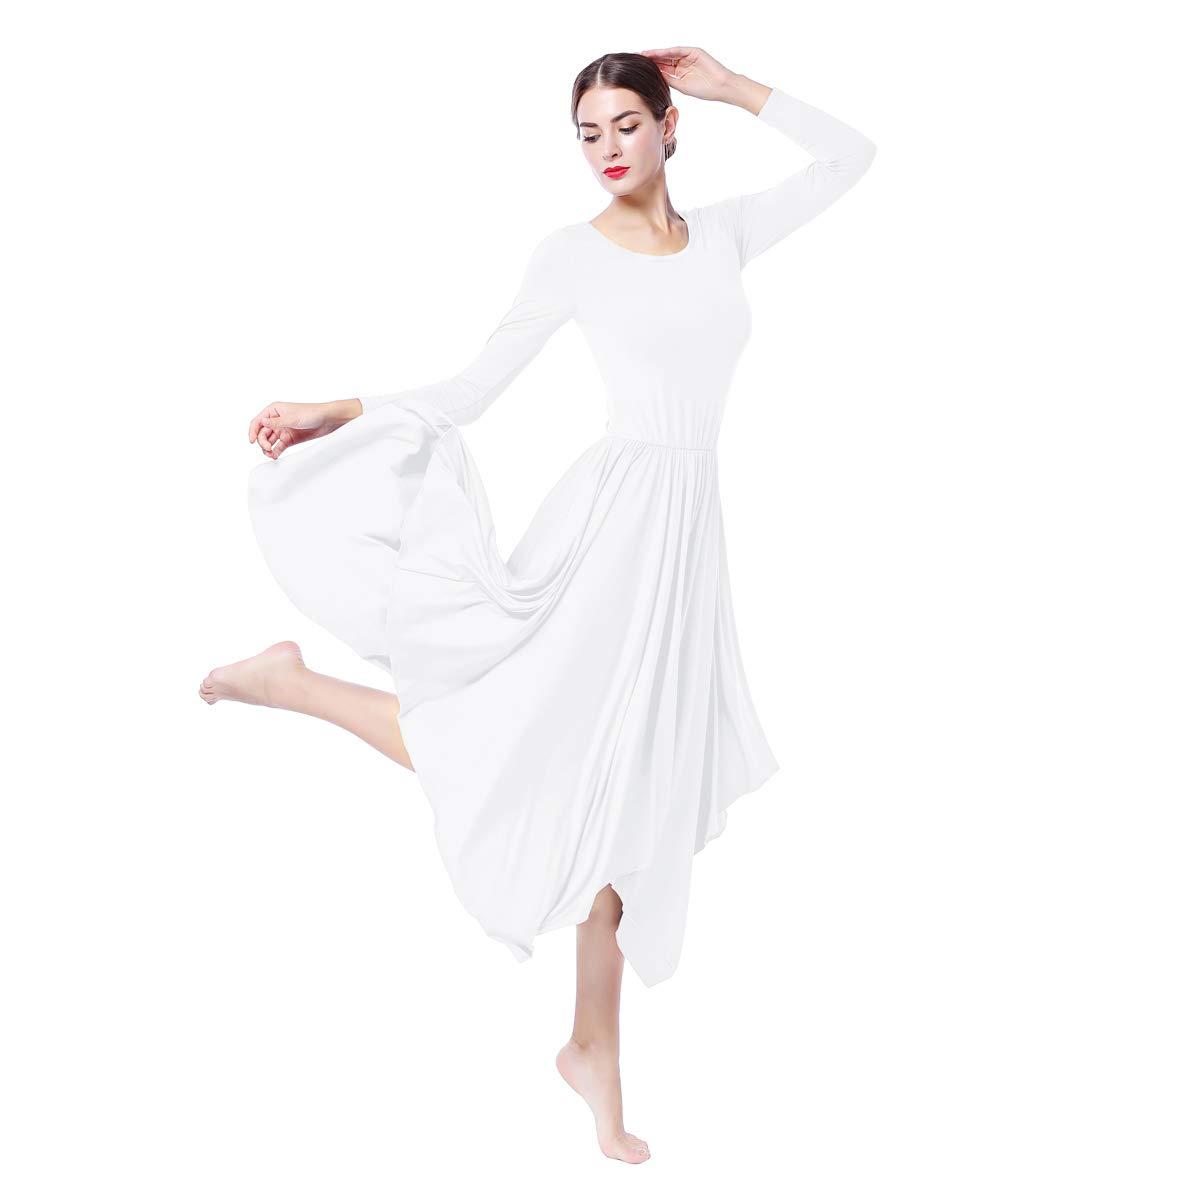 Vestito Donna Liturgico Manica Lunga Asimmetrico Abito da Balletto Ginnastica Classico Danza Combinazione Costume Casual Cocktail Maxi Abito Inverno Swing Latino lirica Abiti Tunica Vestire